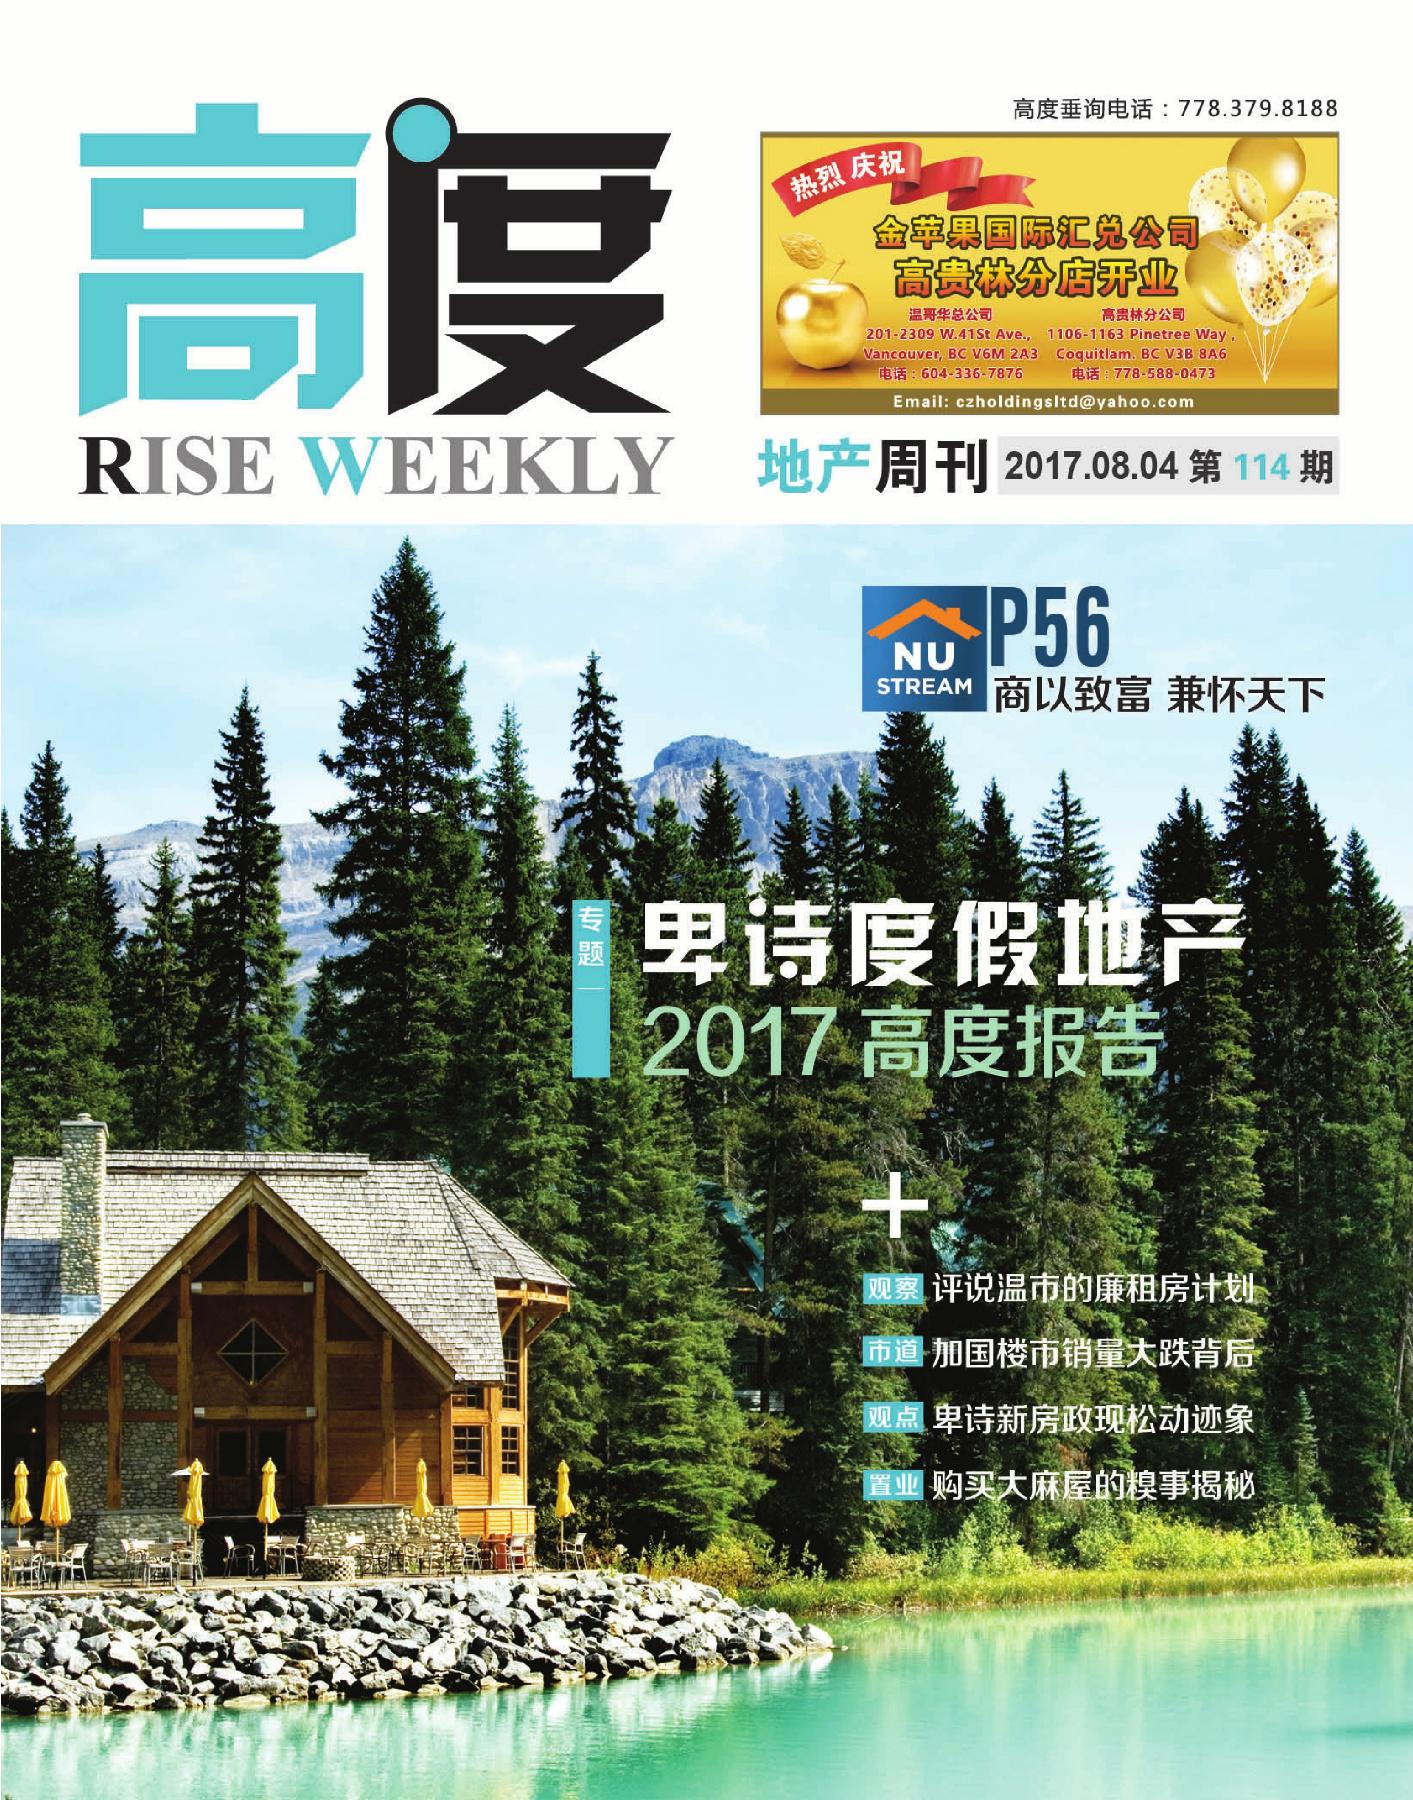 高度地产周刊 2017年08月04日 第114期